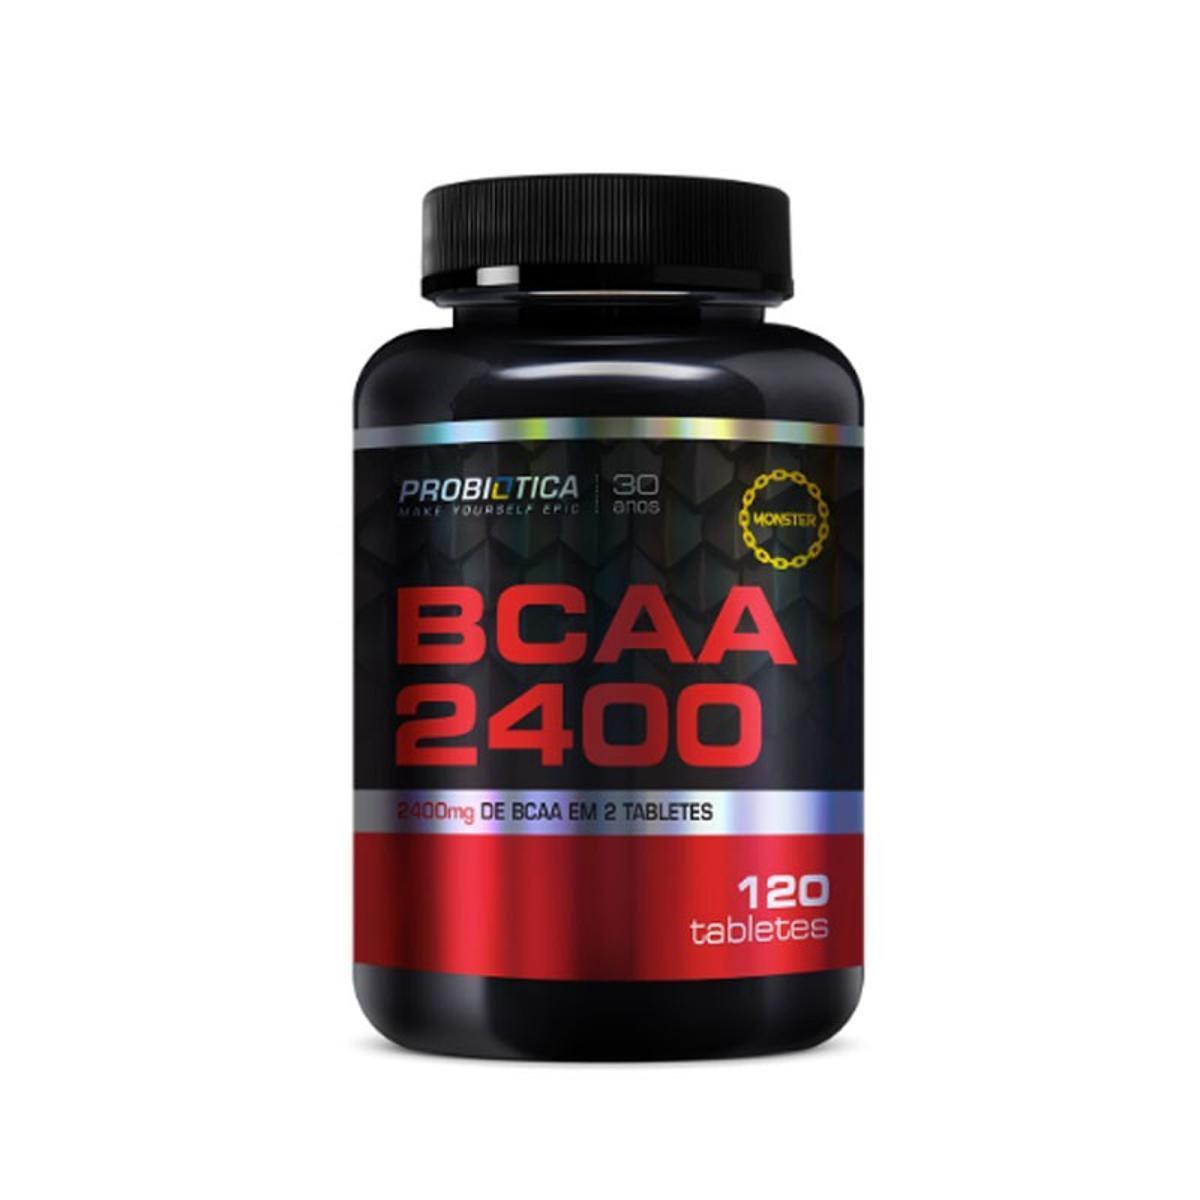 BCAA 2400mg 120 tabs Probiótica